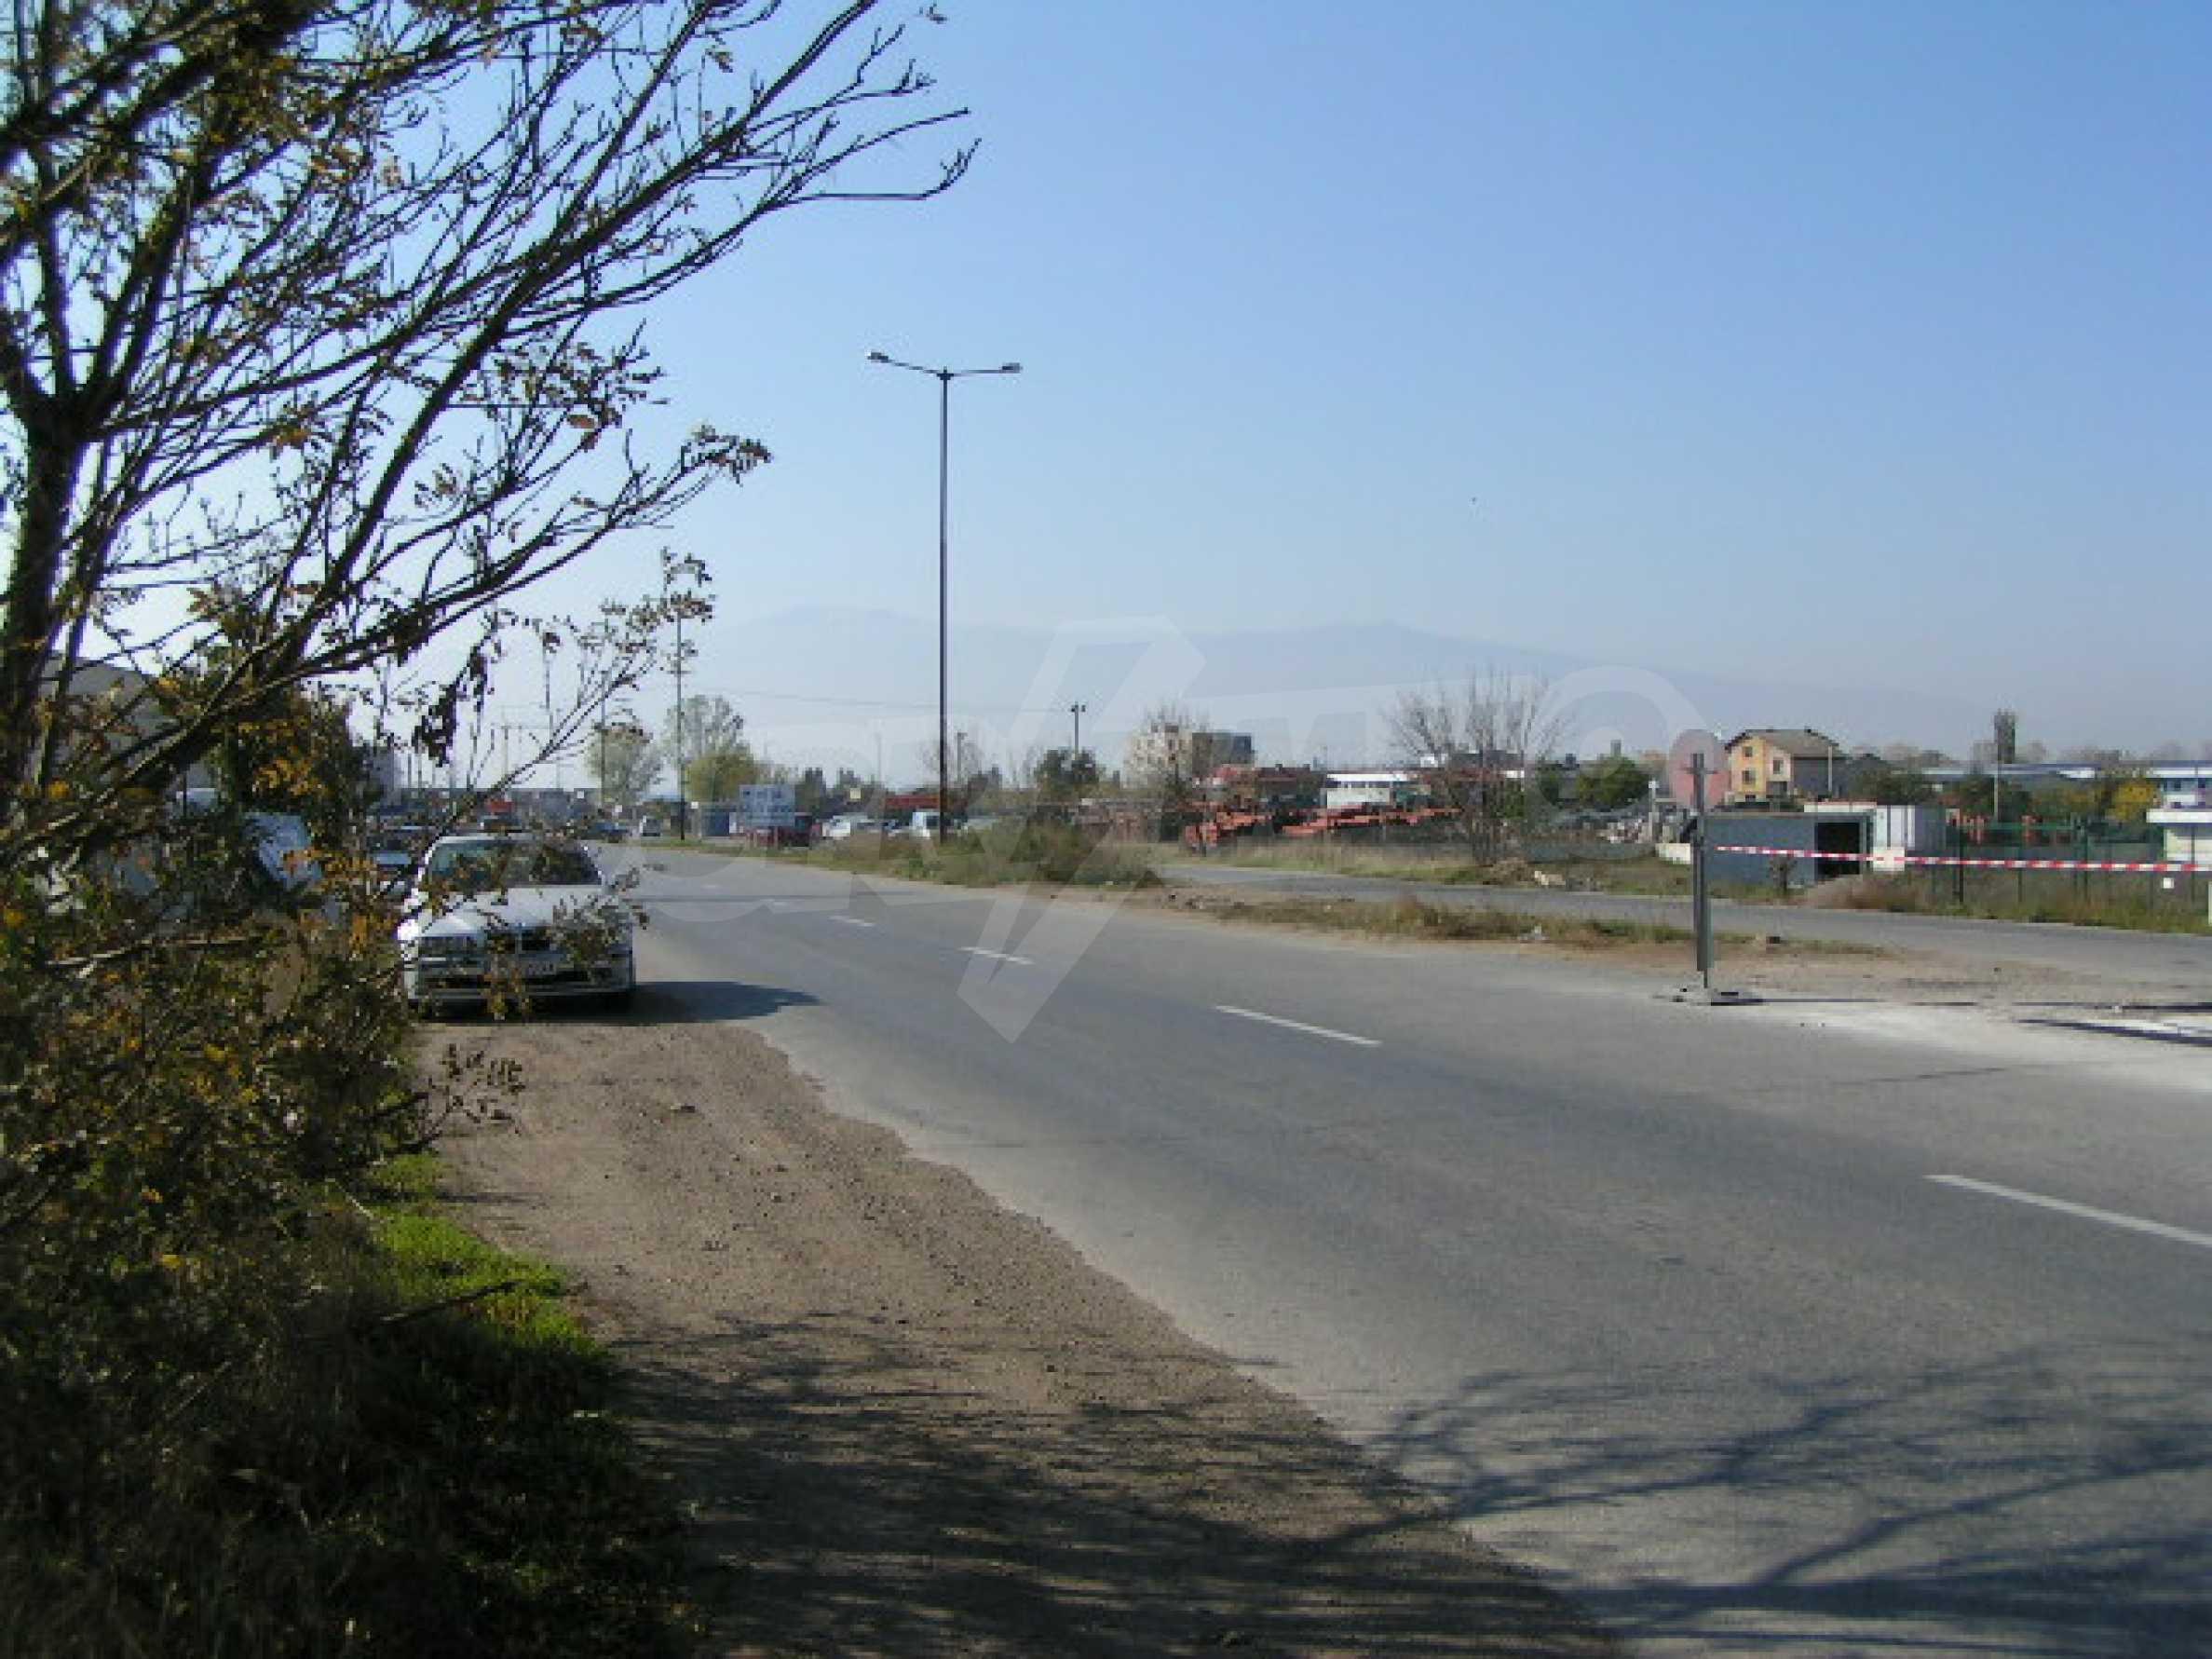 Land on Chelopeshko shose, Sofia 6